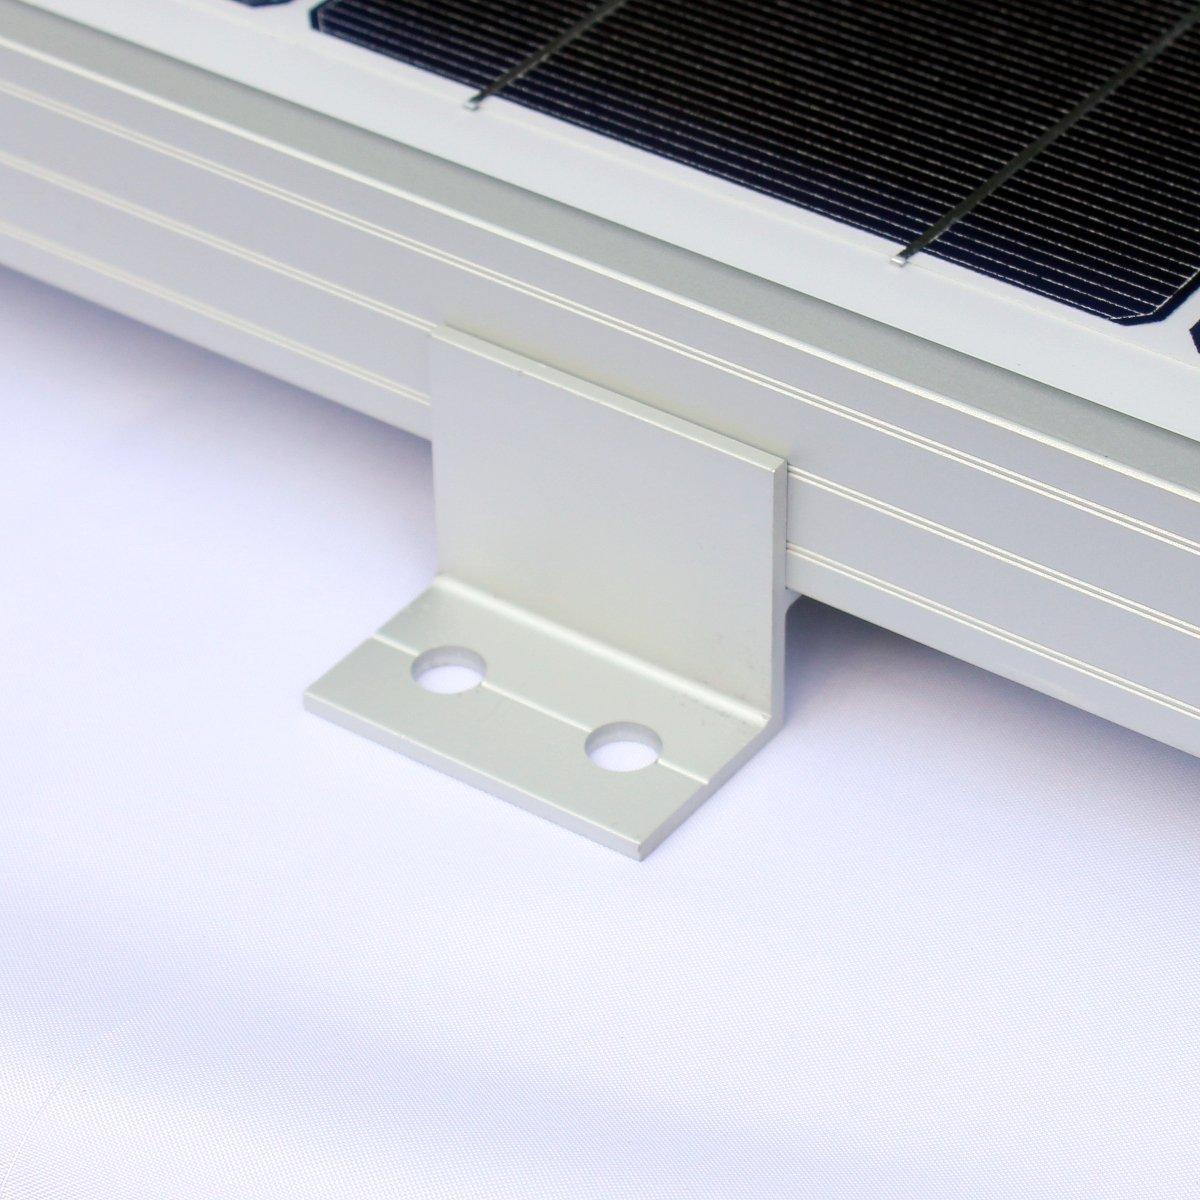 D/ächer oder andere flache Oberfl/ächen Booten Wohnwagen Komplett-Set von 4/Solar Panel Klammern f/ür die Montage auf Wohnmobilen